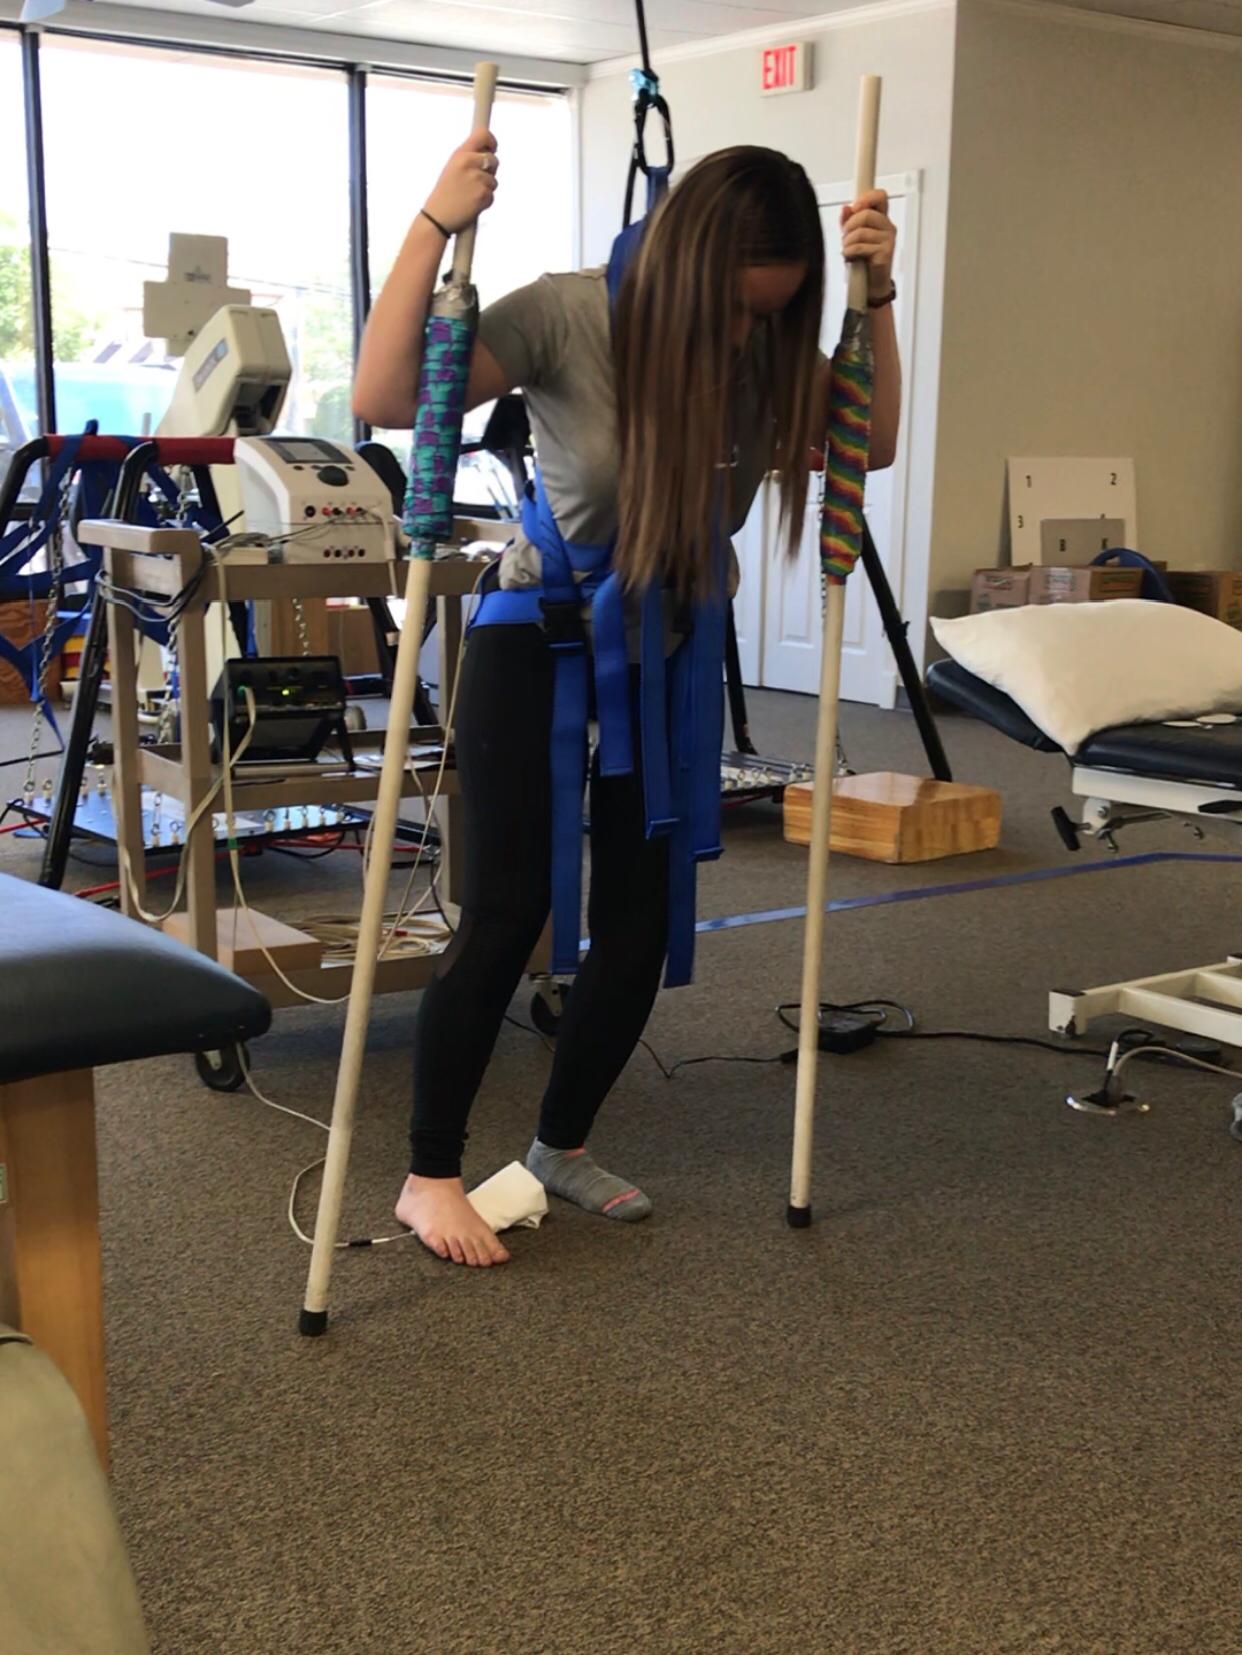 Monique McDown fazendo fisioterapia depois que ficou paralítica, após acidente quando servia missão em Curitiba, Brasil.